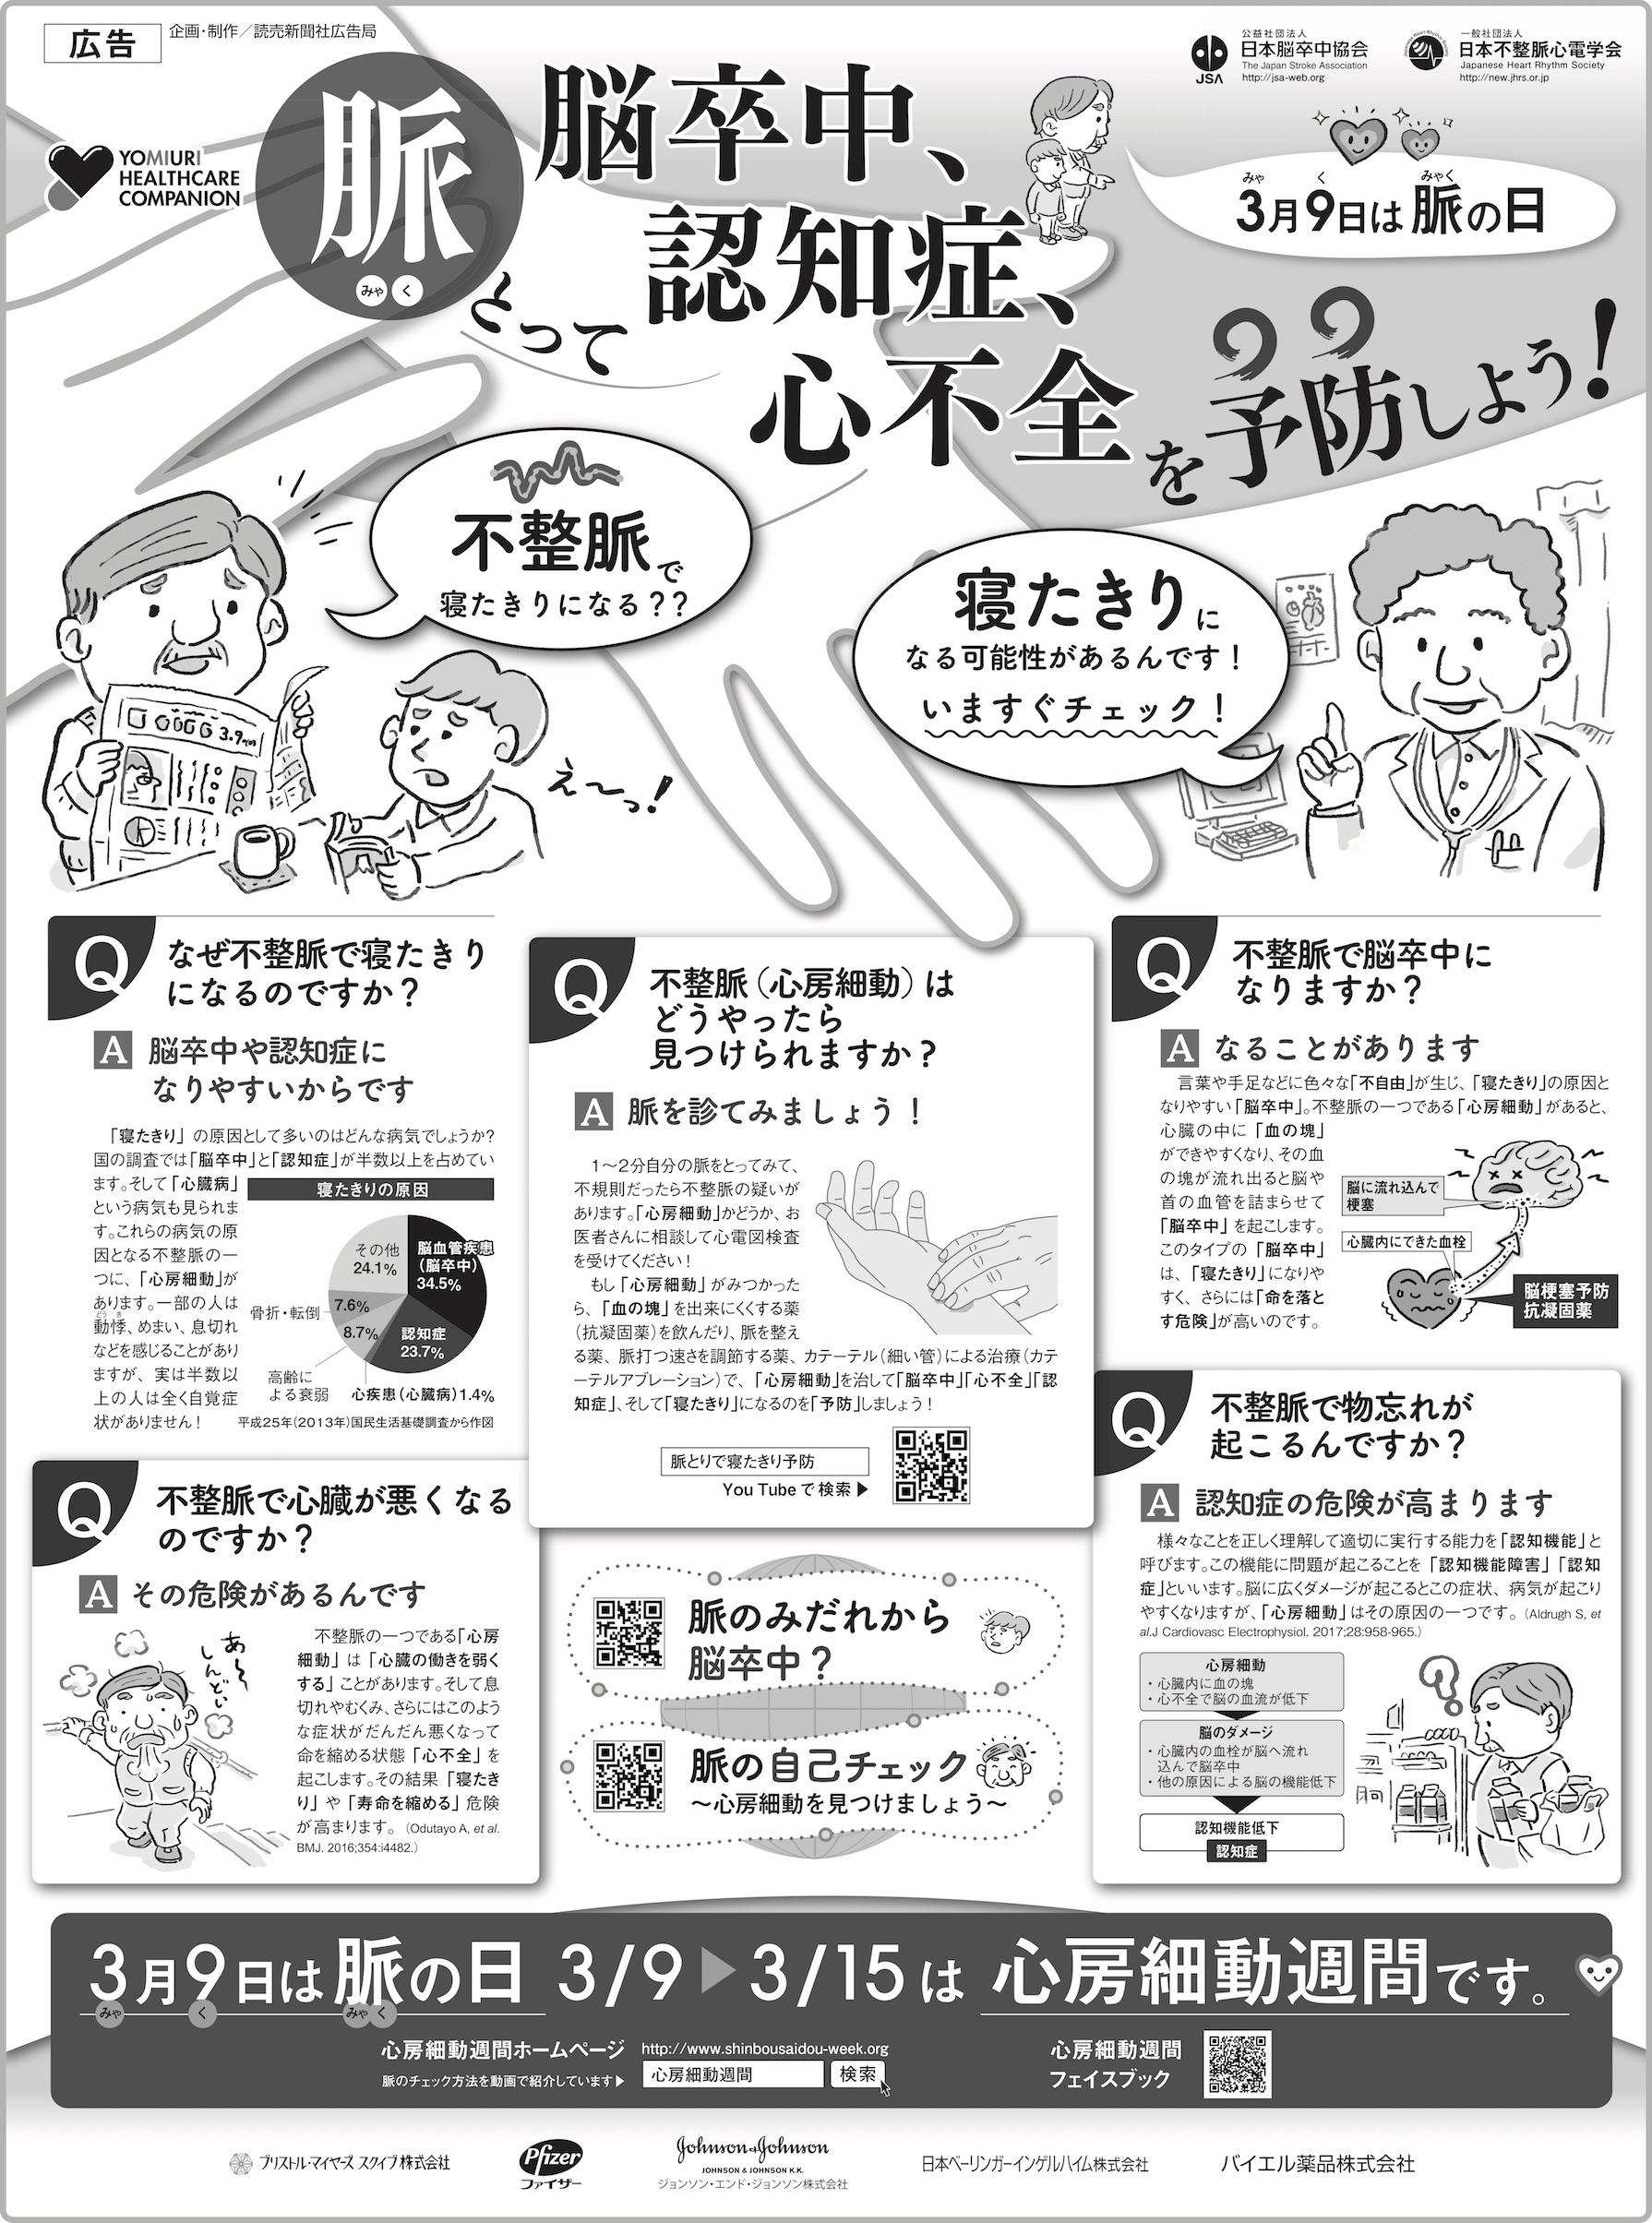 2018年3月9日 読売新聞広告